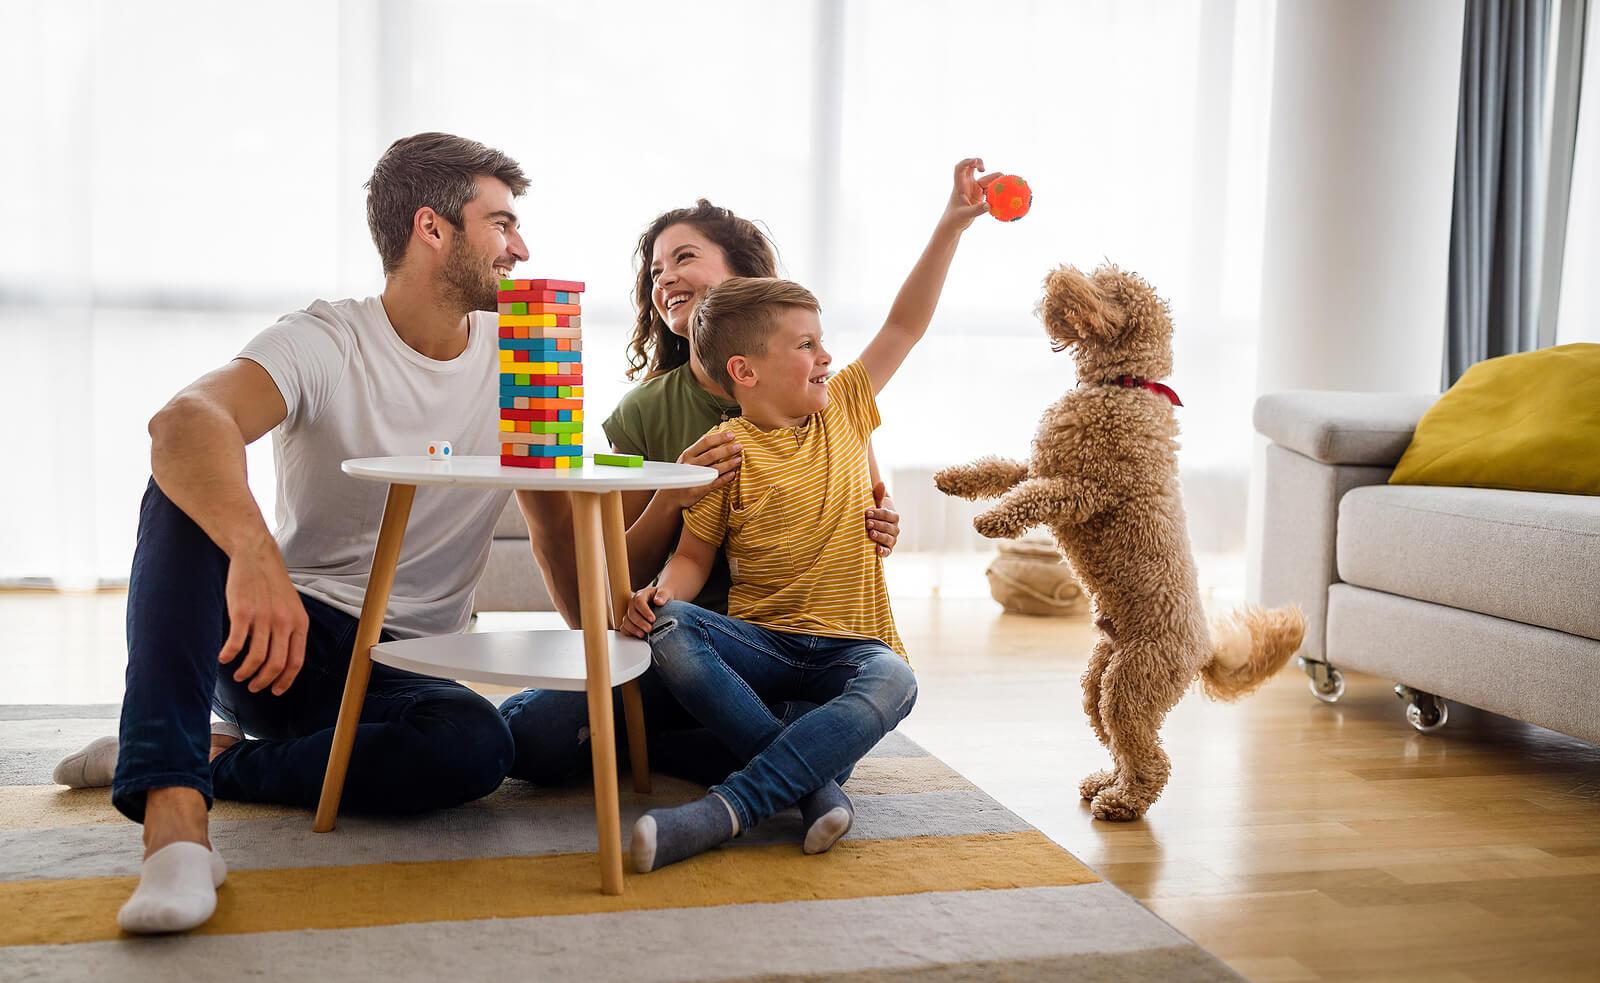 Familia pasando una tarde de juegos en casa.